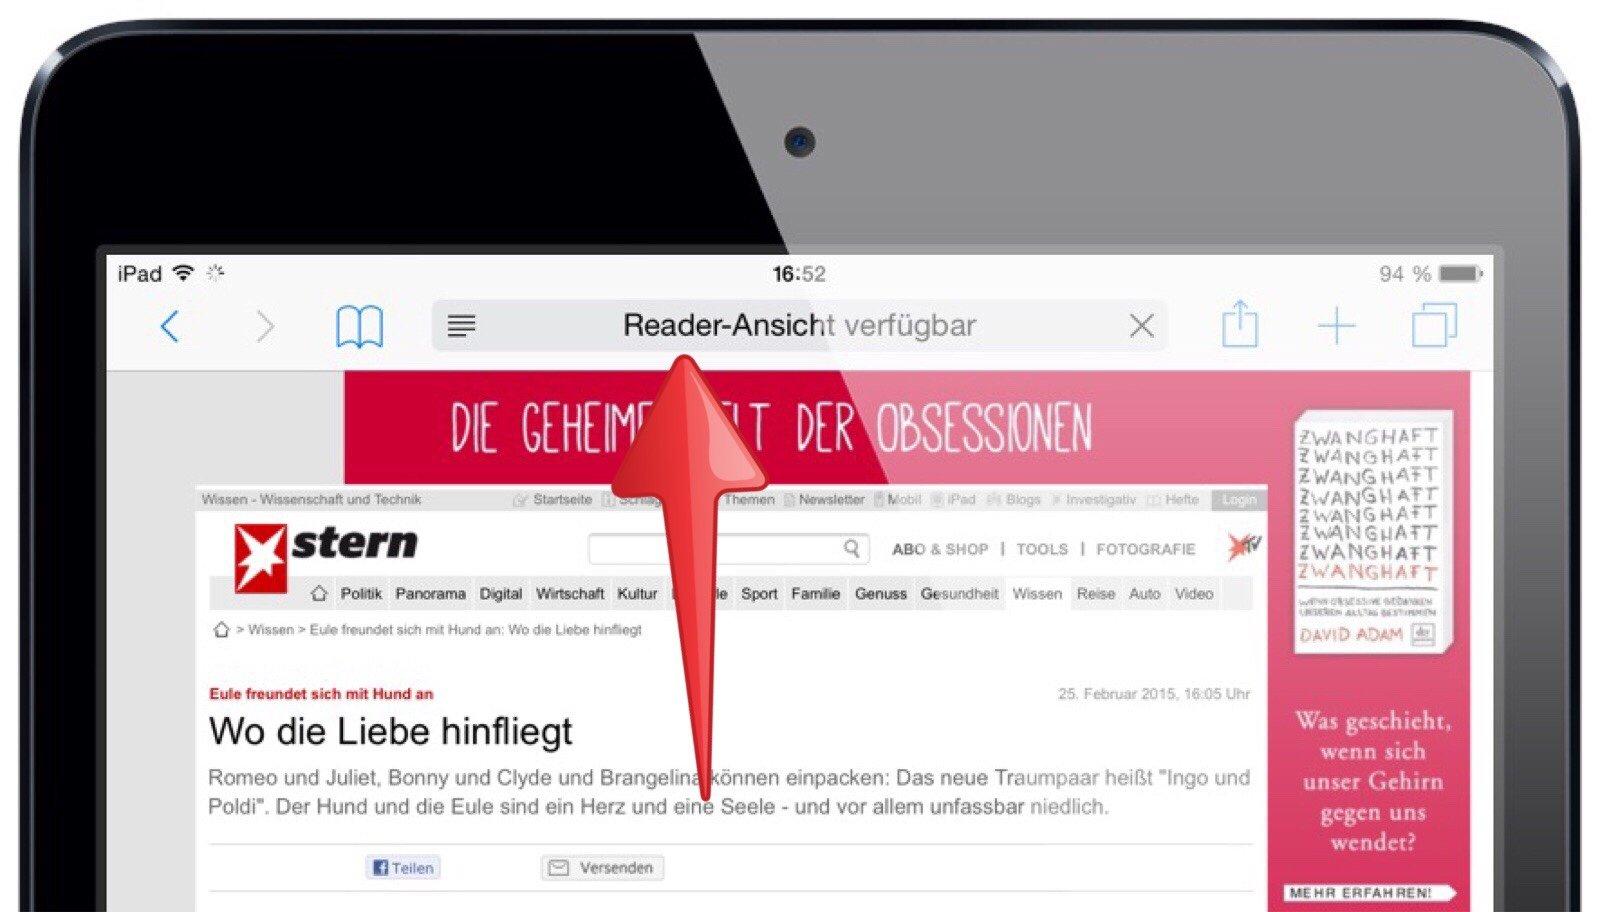 Apple-iPad-Internetseite-Safari-Reader-Ansicht-Werbung-leichter-lesen-2.jpg